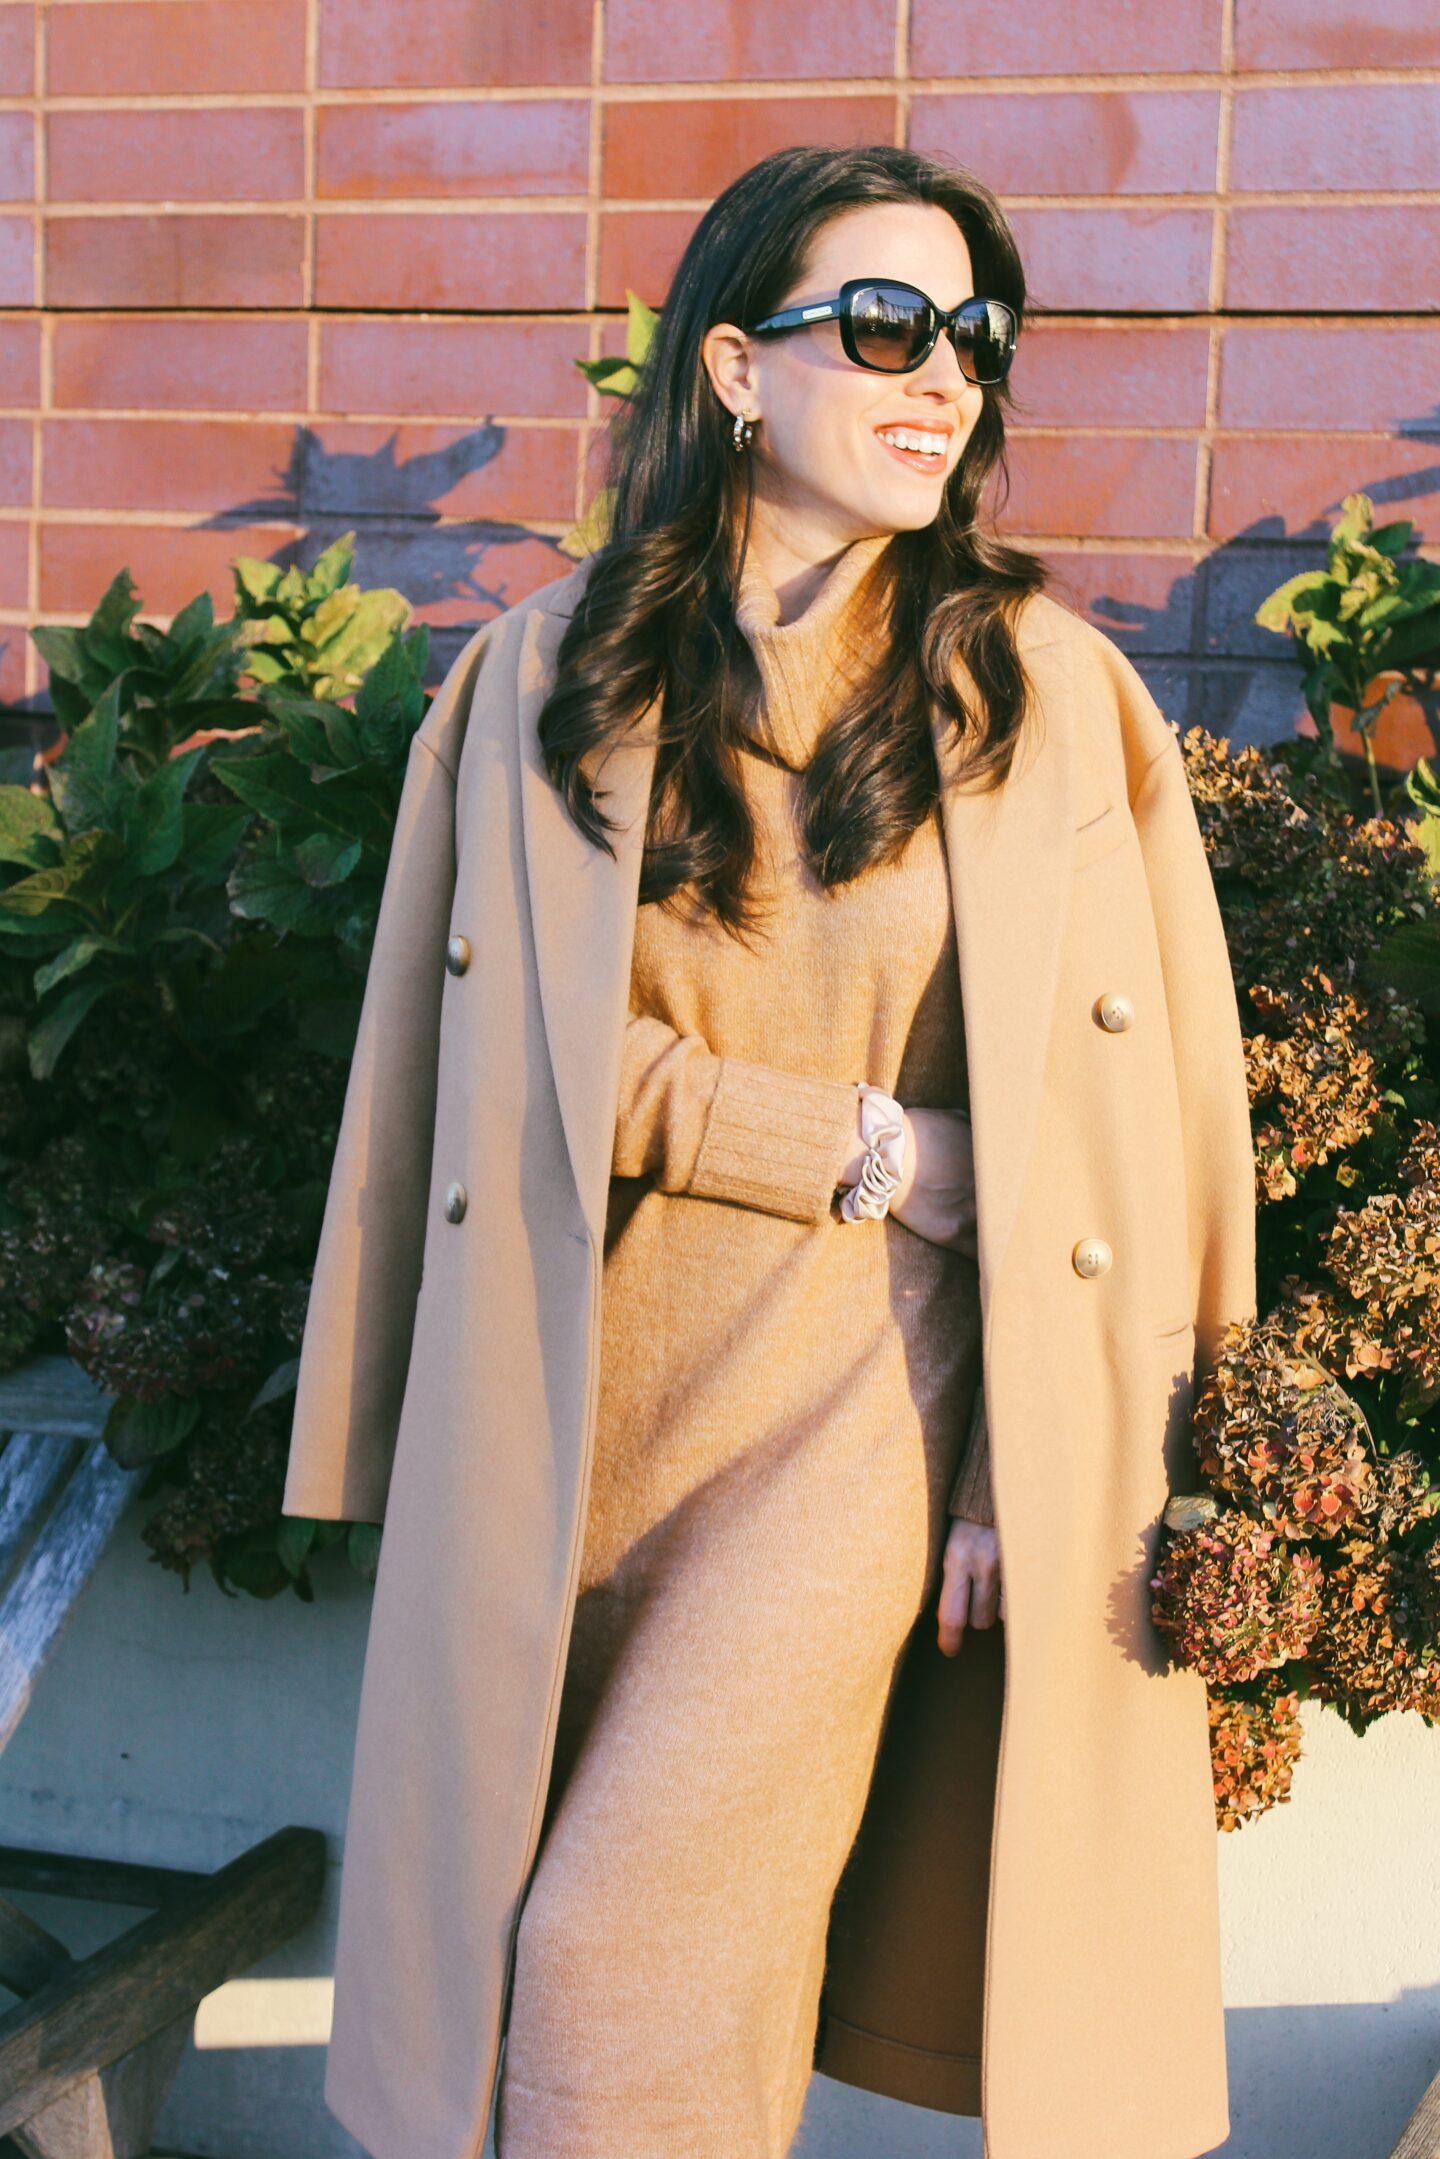 cozy-fall-look-camel-coat-sweater-dress